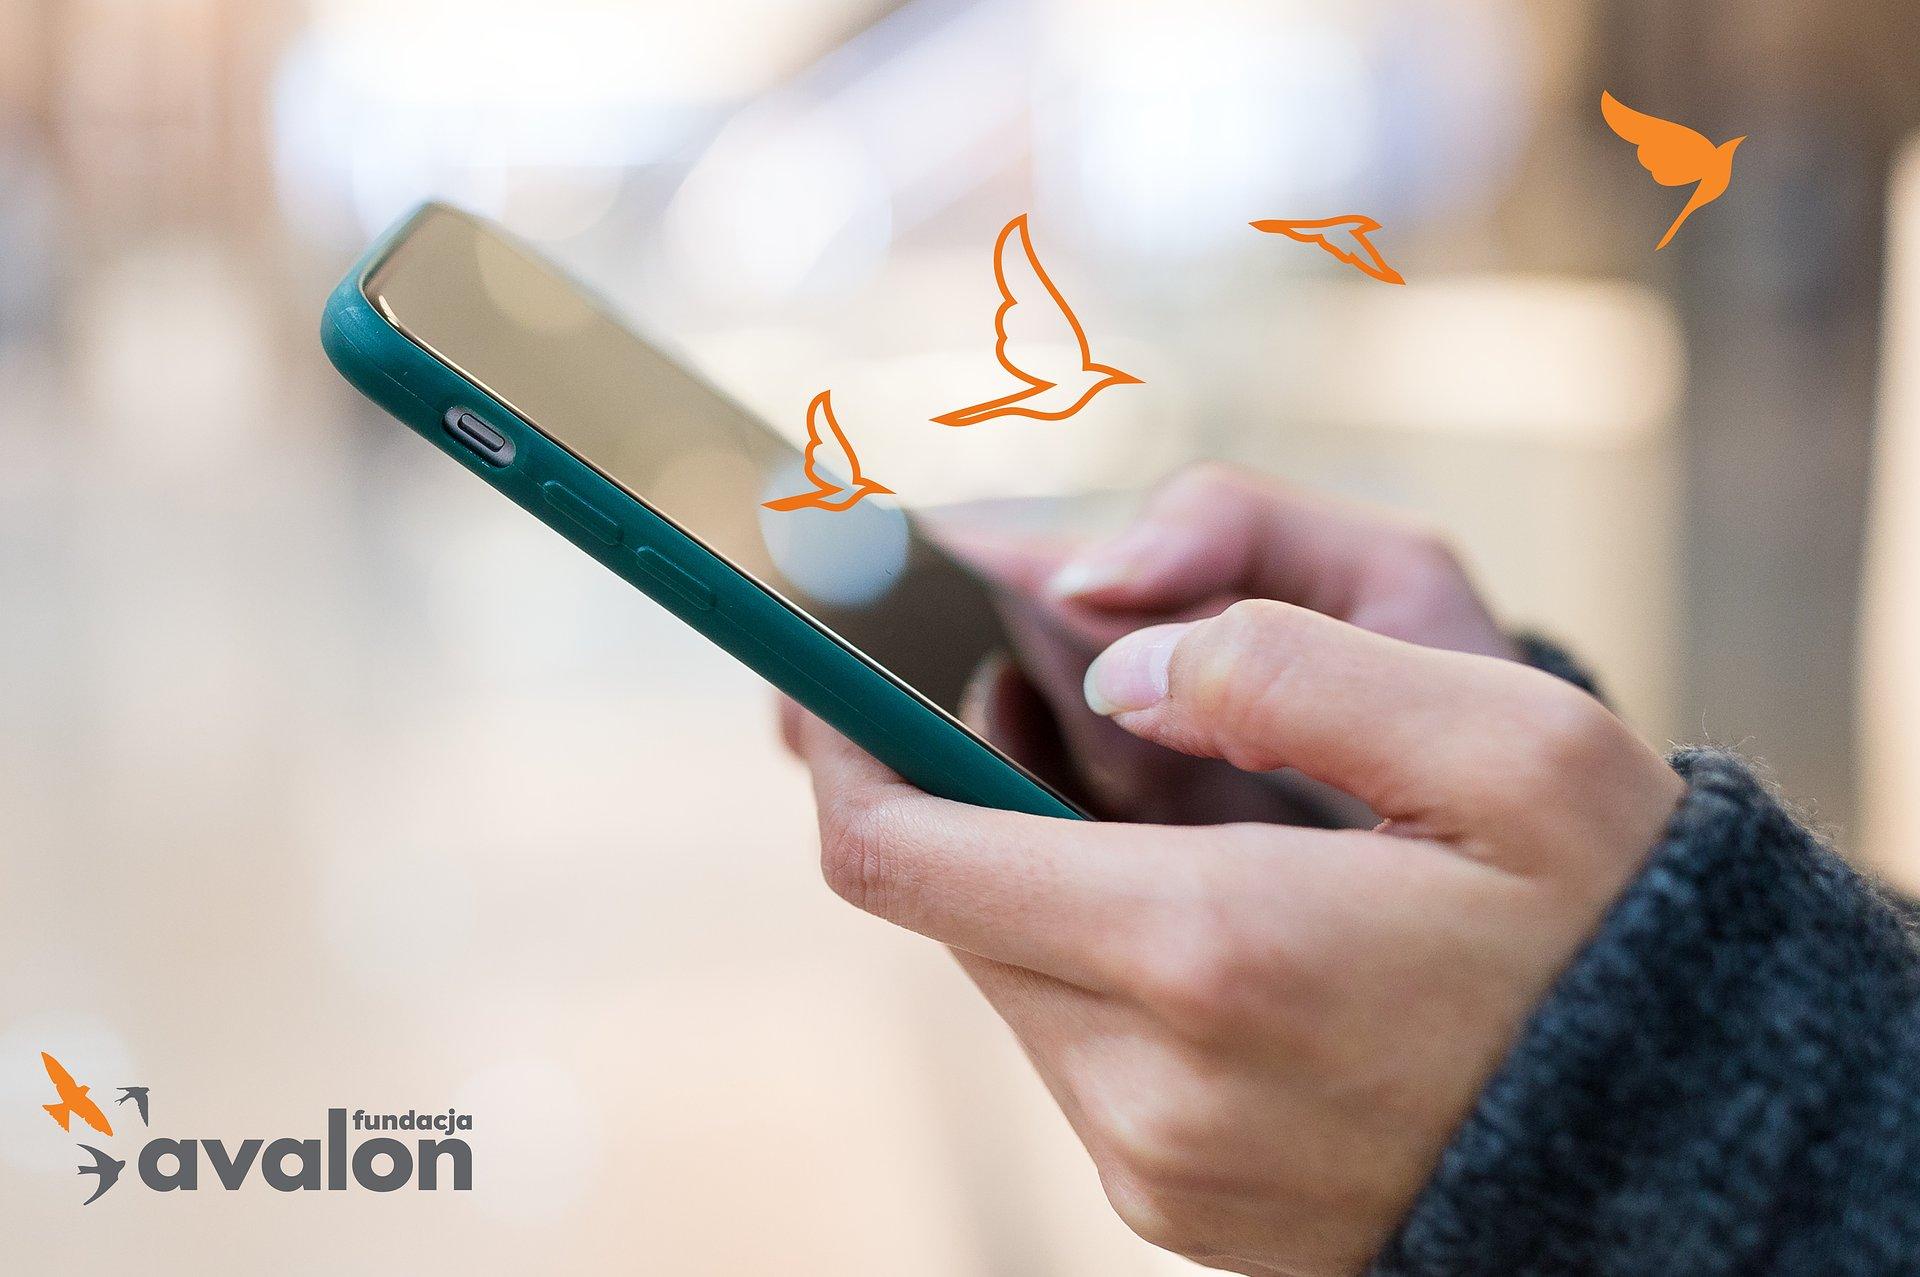 SMS charytatywny ponownie narzędziem wsparcia podopiecznych Fundacji Avalon